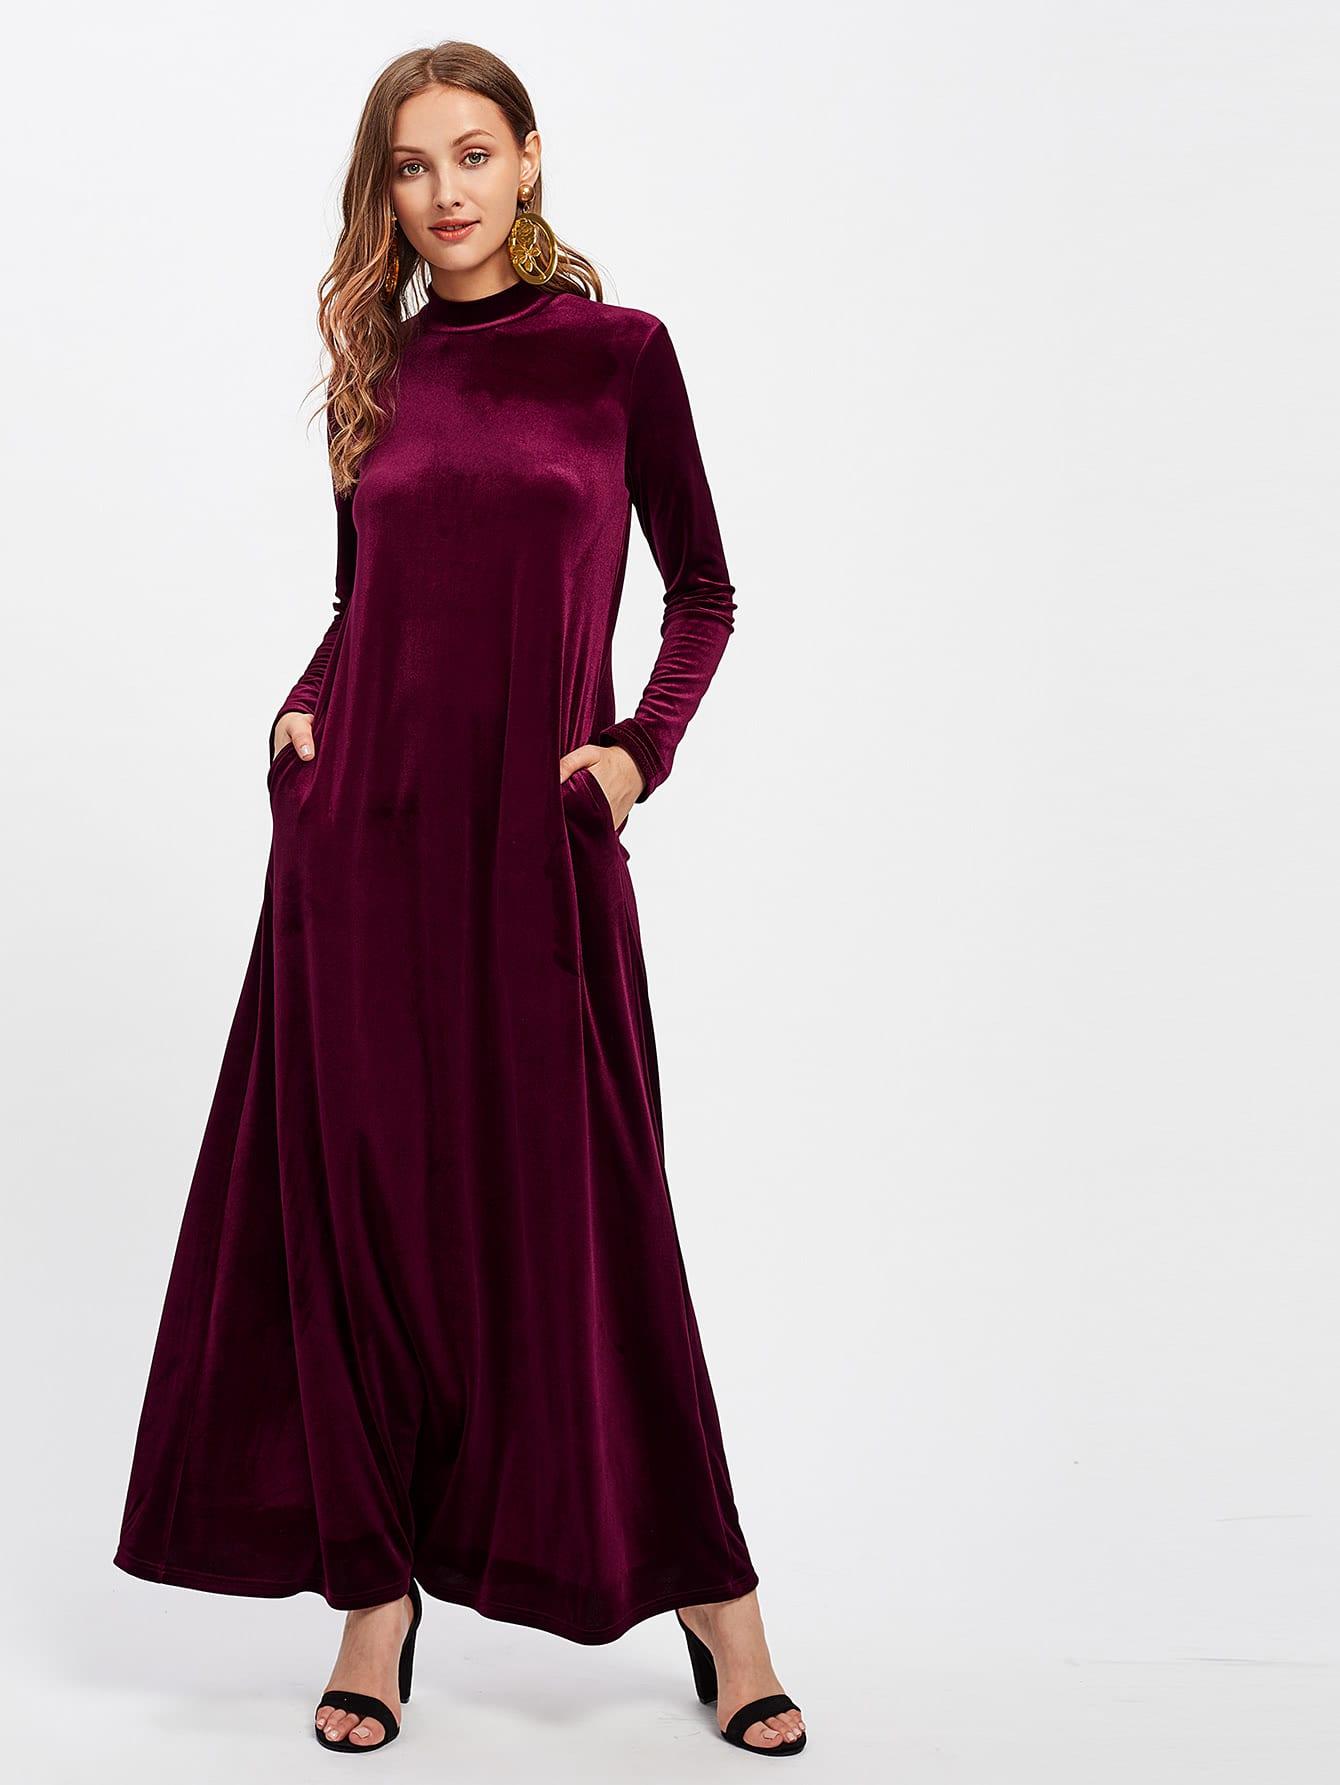 44504abd56 Shein – Mock Neck Pocket Side Velvet Kaftan Dress just $25 + FREE ...